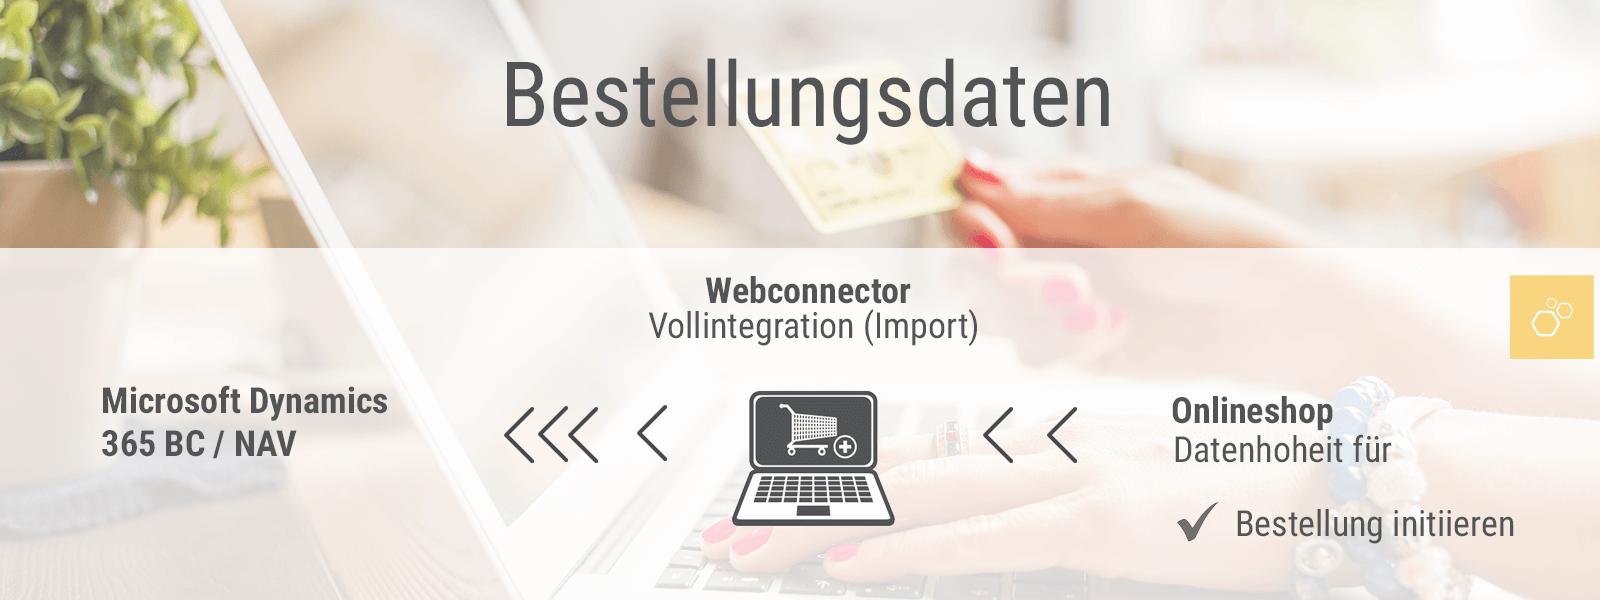 Webshopanbindung - Webconector - Bestellungsdaten